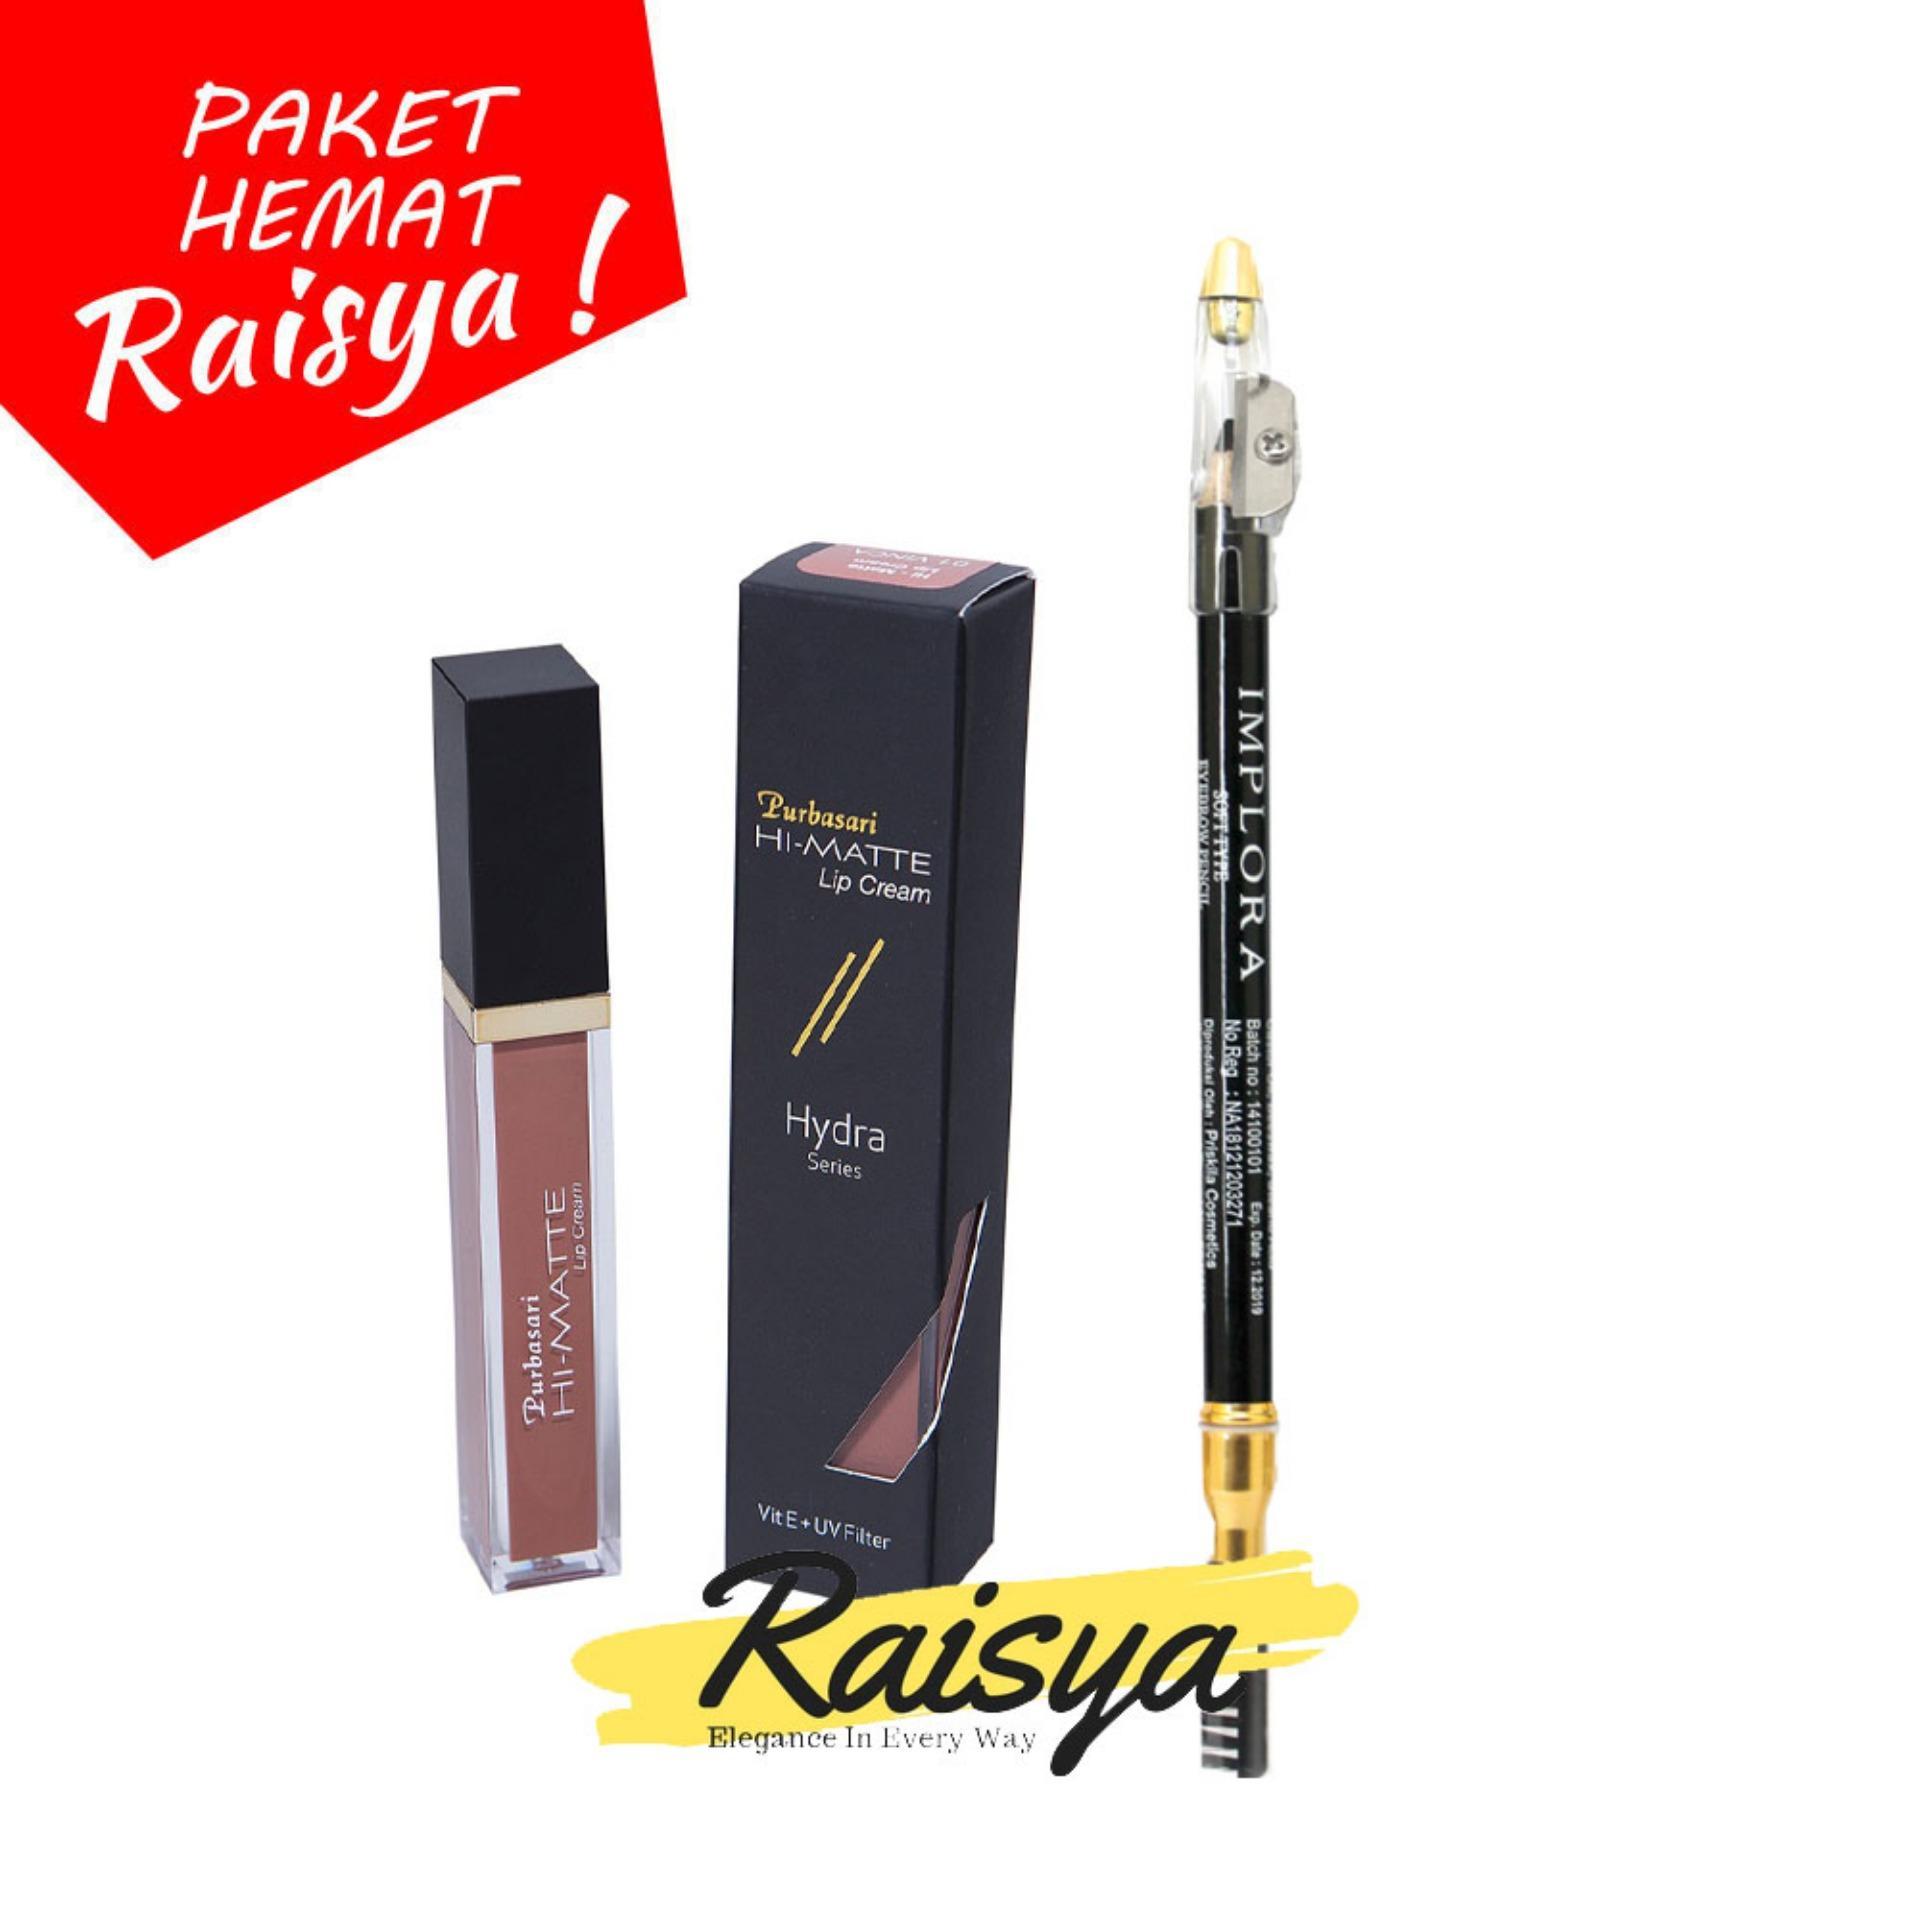 Purbasari Hi-Matte Lip Cream No. 01 Vinca Free Implora Pensil Alis Hitam Resmi BPOM